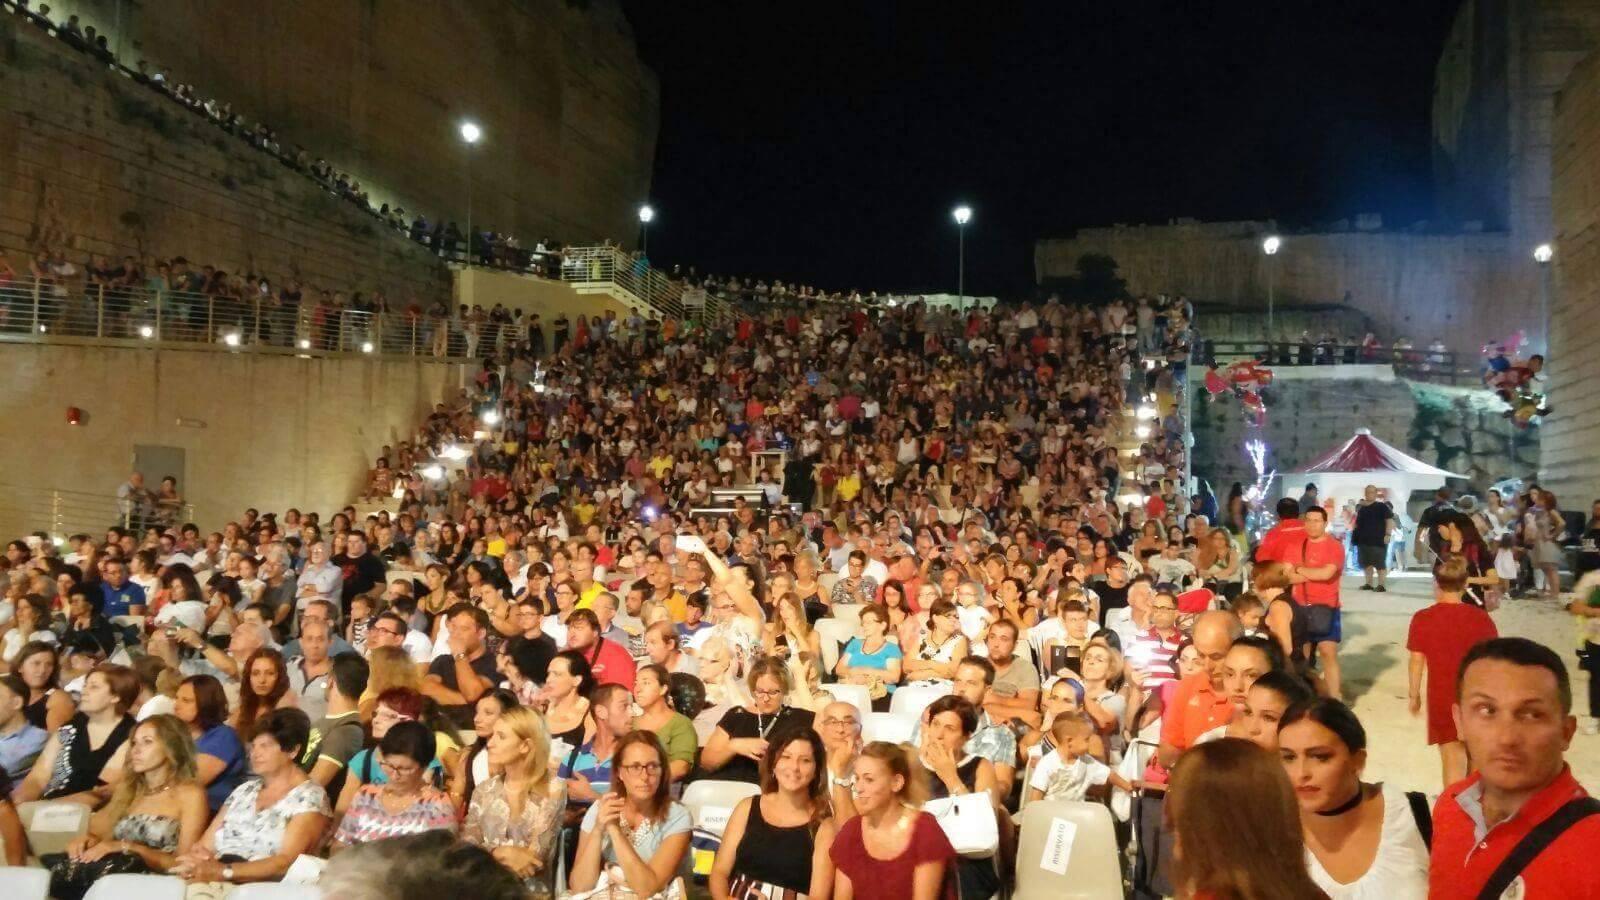 PALAGIANELLO, ECCO IL FESTIVAL INTERNAZIONALE DEL FOLKLORE TERRA DELLE GRAVINE